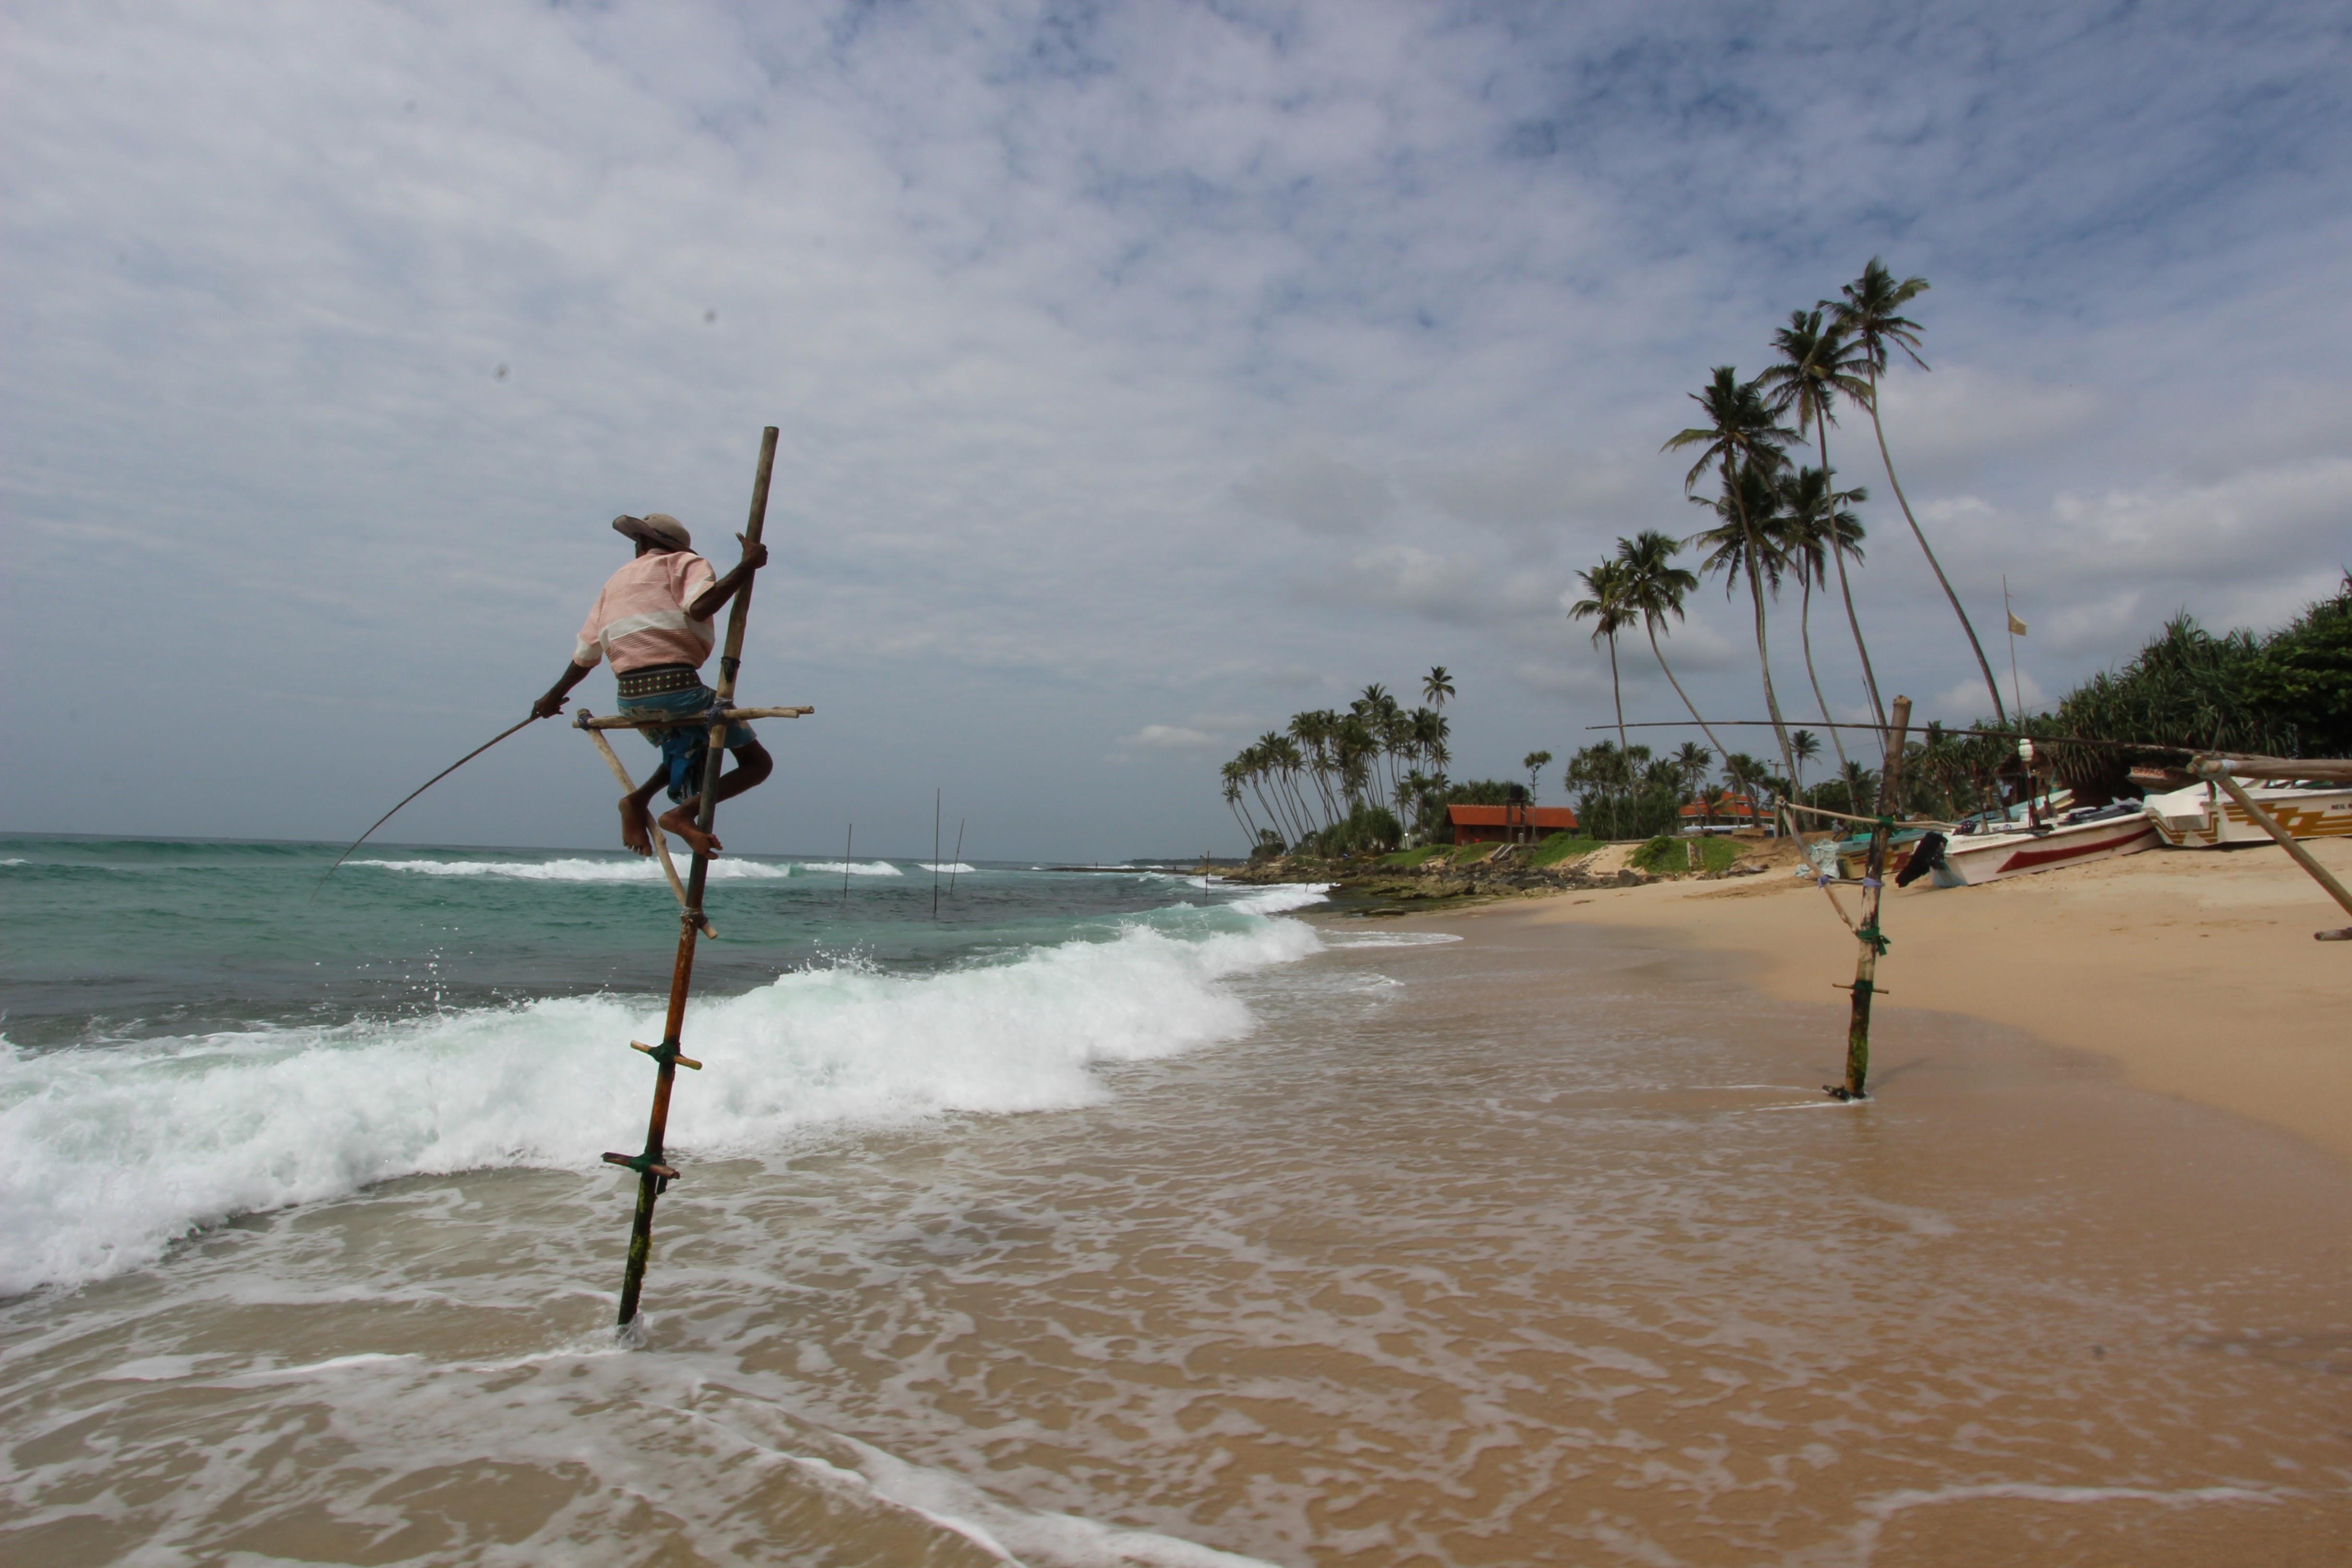 スリランカ : 友達とのんびり時間を楽しむ旅(4泊5日)